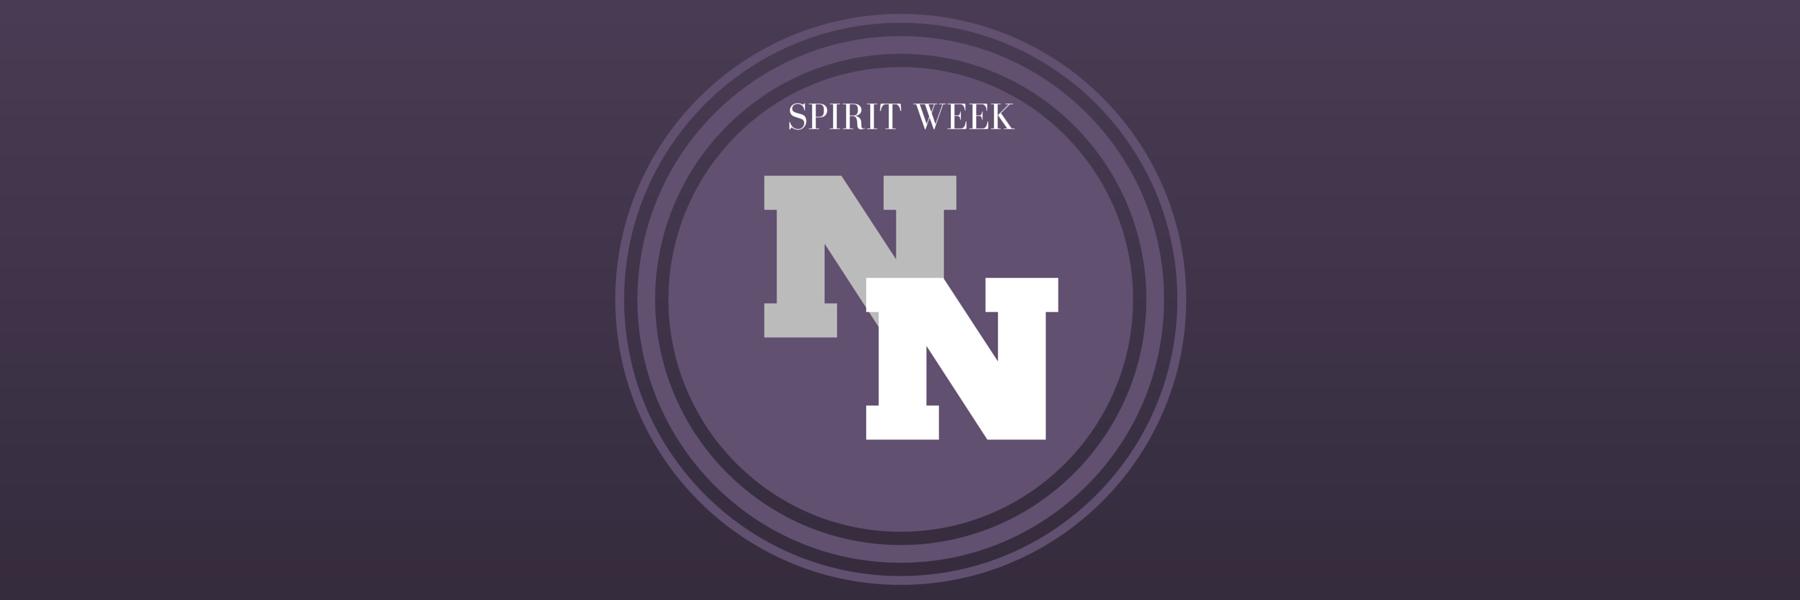 Parade your pride: Spirit Week 2015